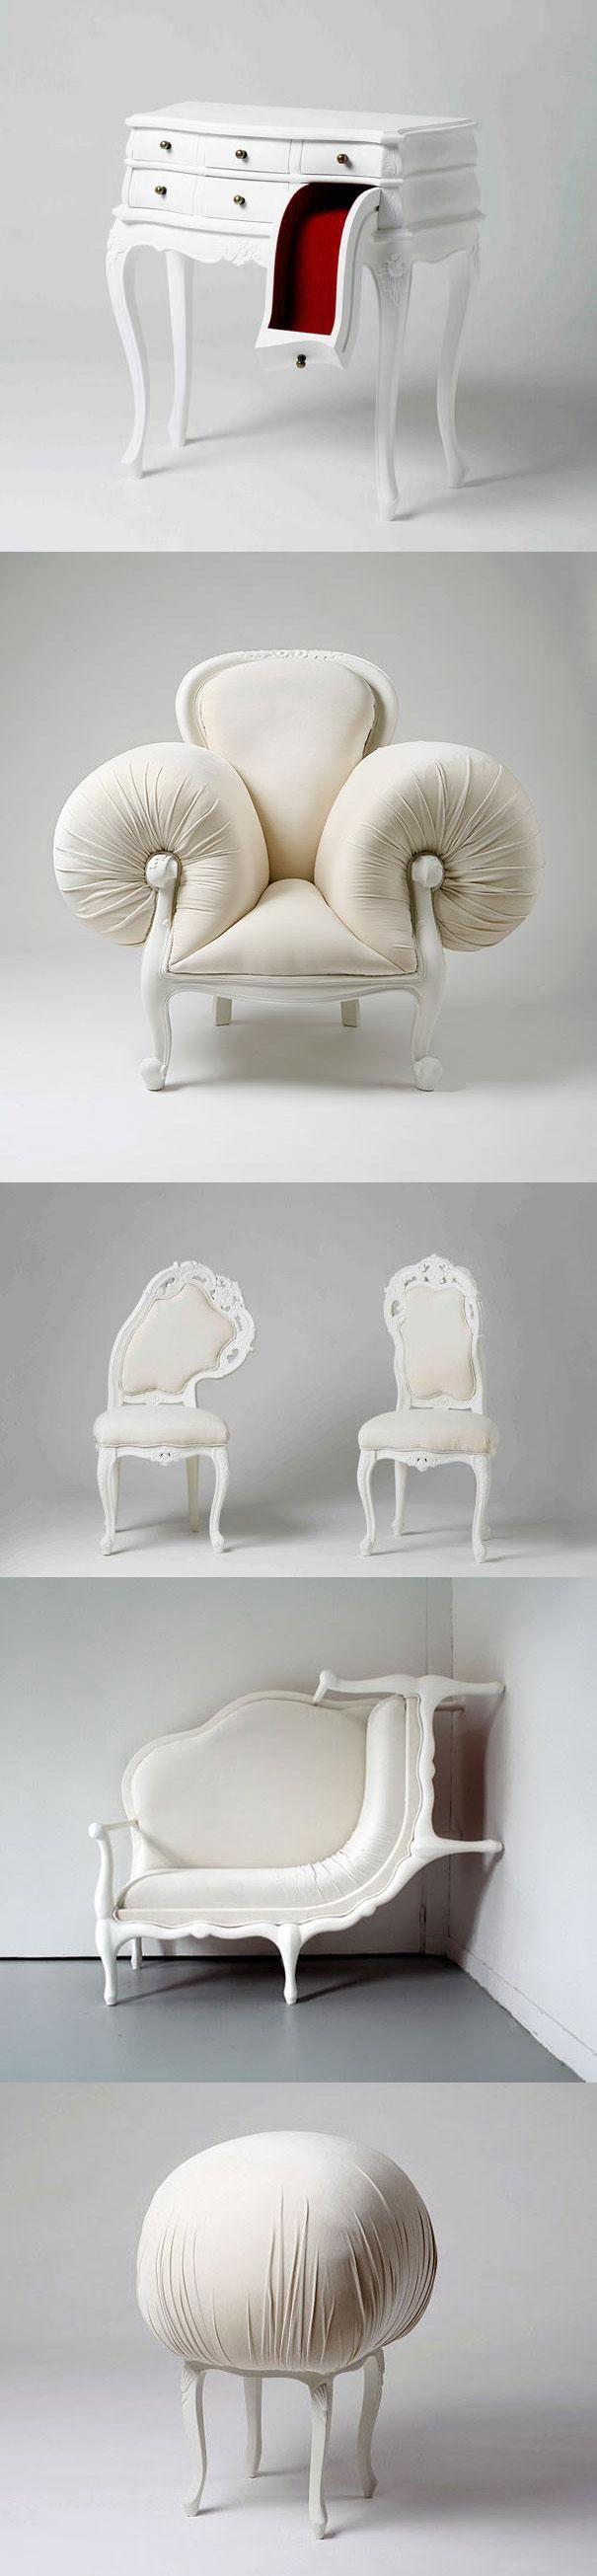 5 Beautiful Things | Möbel, Stuhl und Wohnzimmer ideen